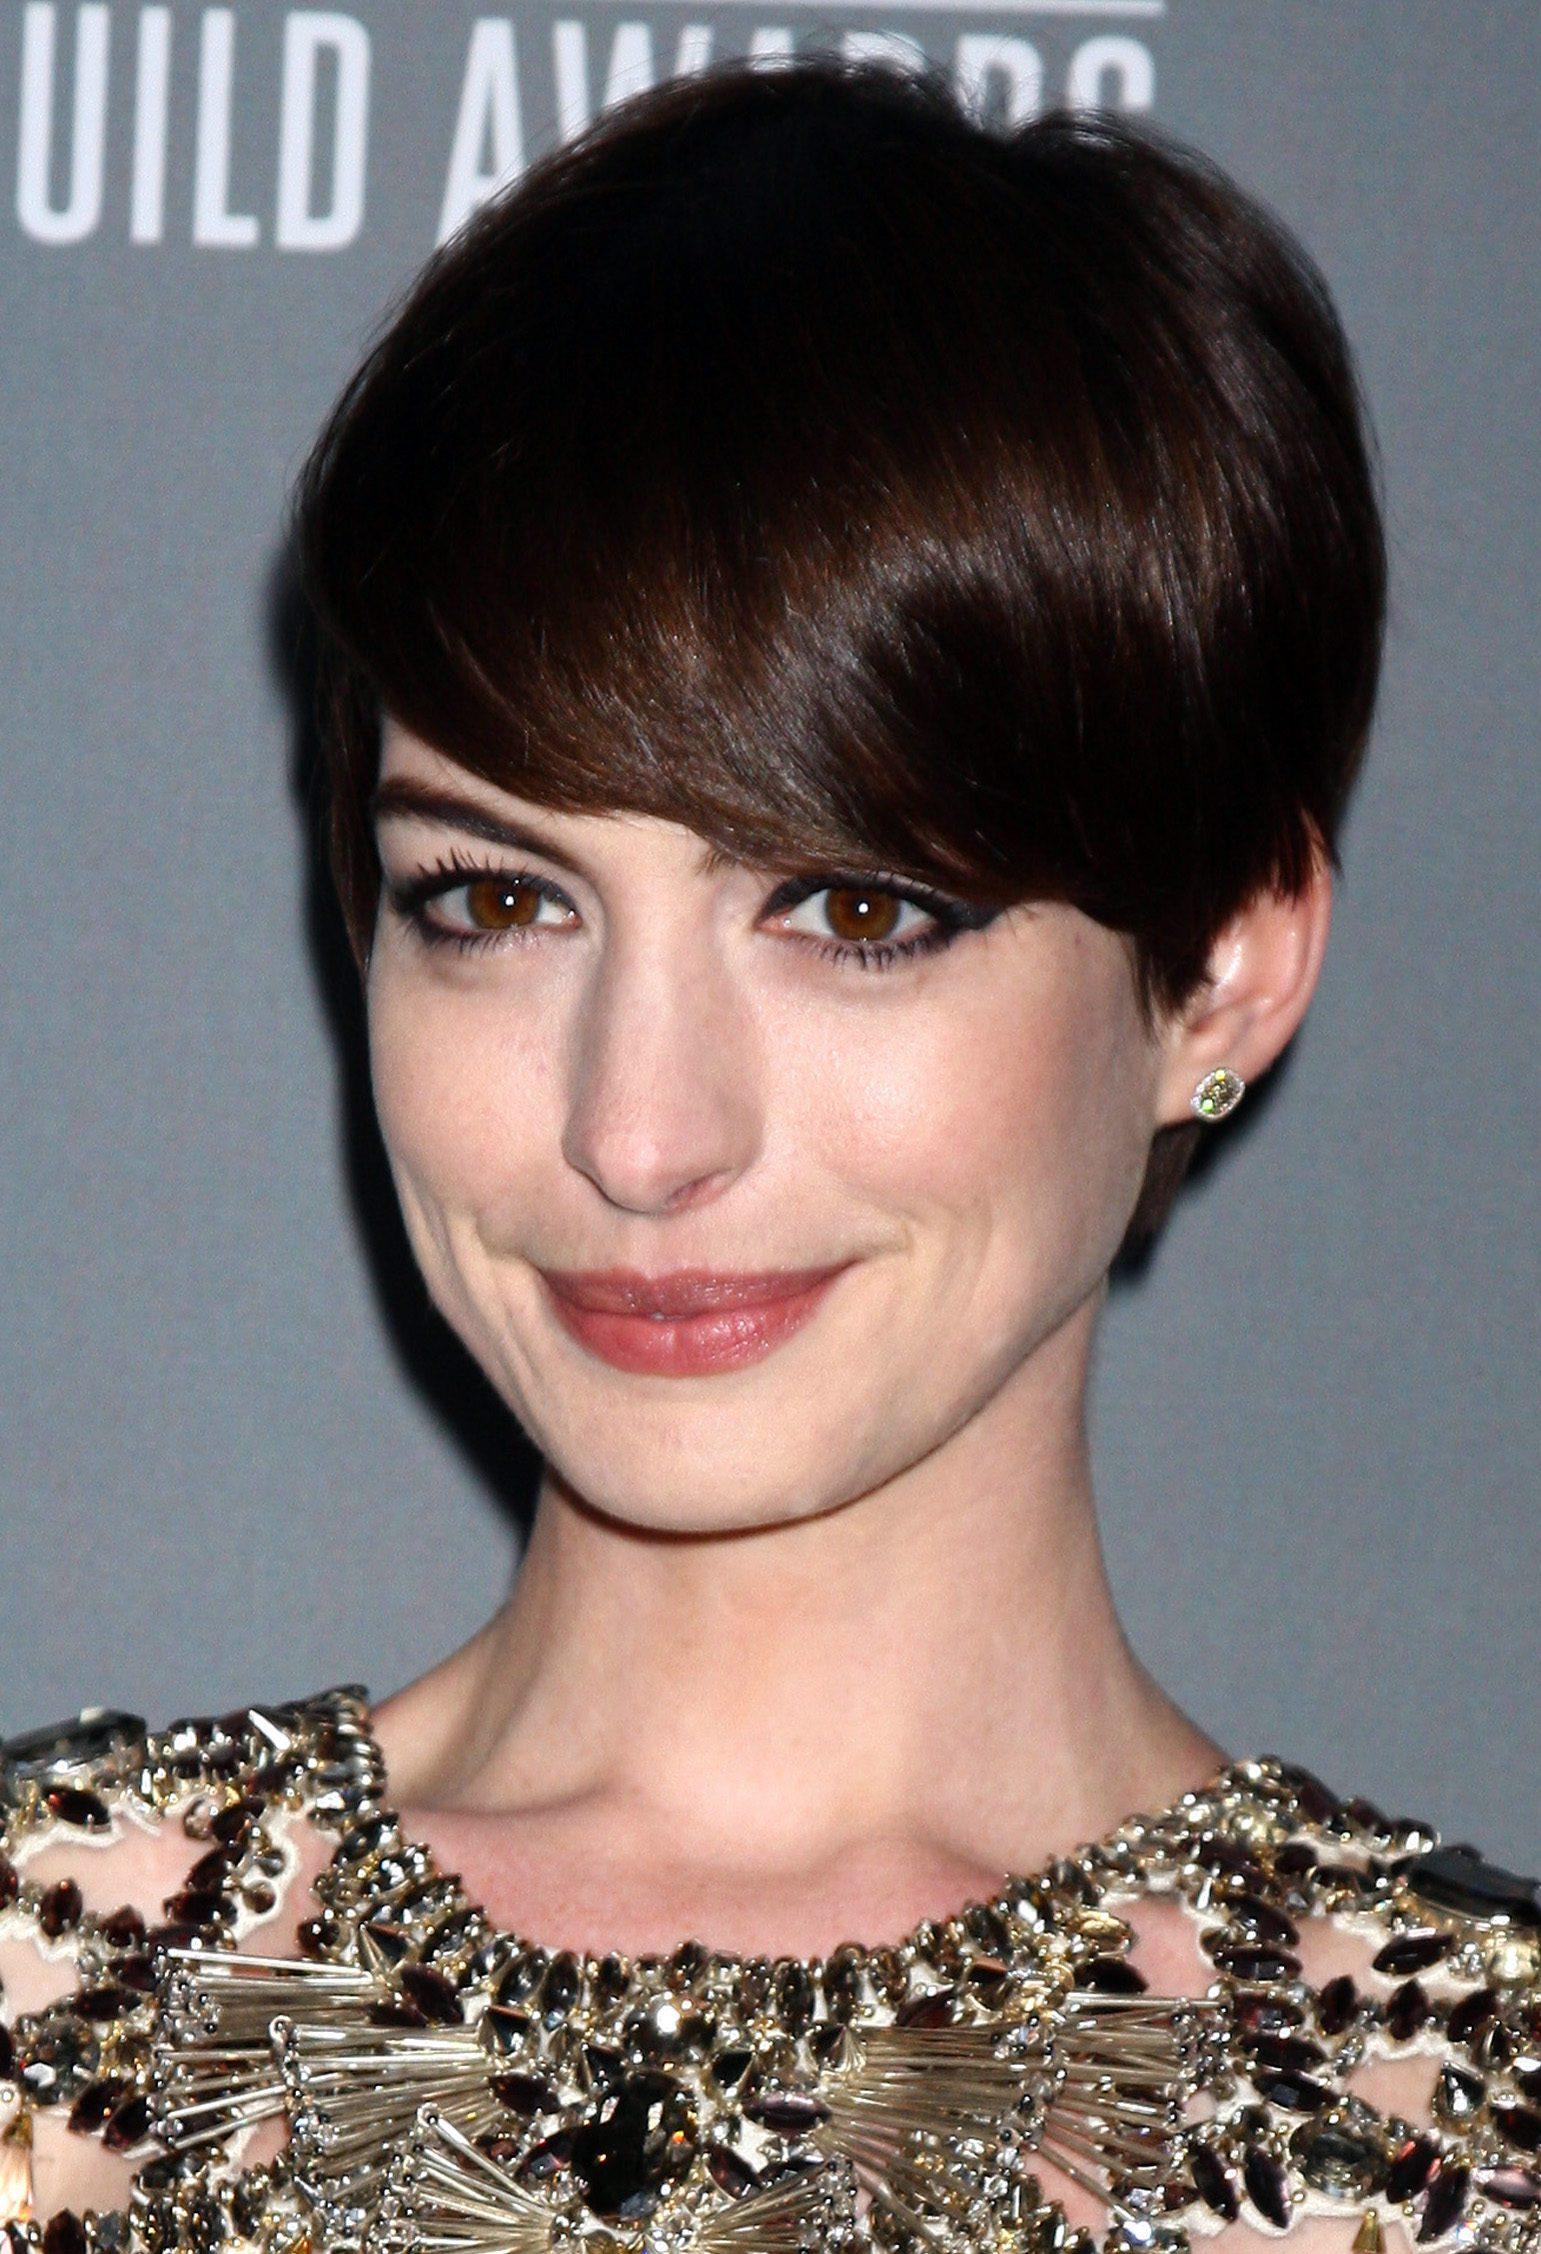 Anne Hathaway's Medium Pixie